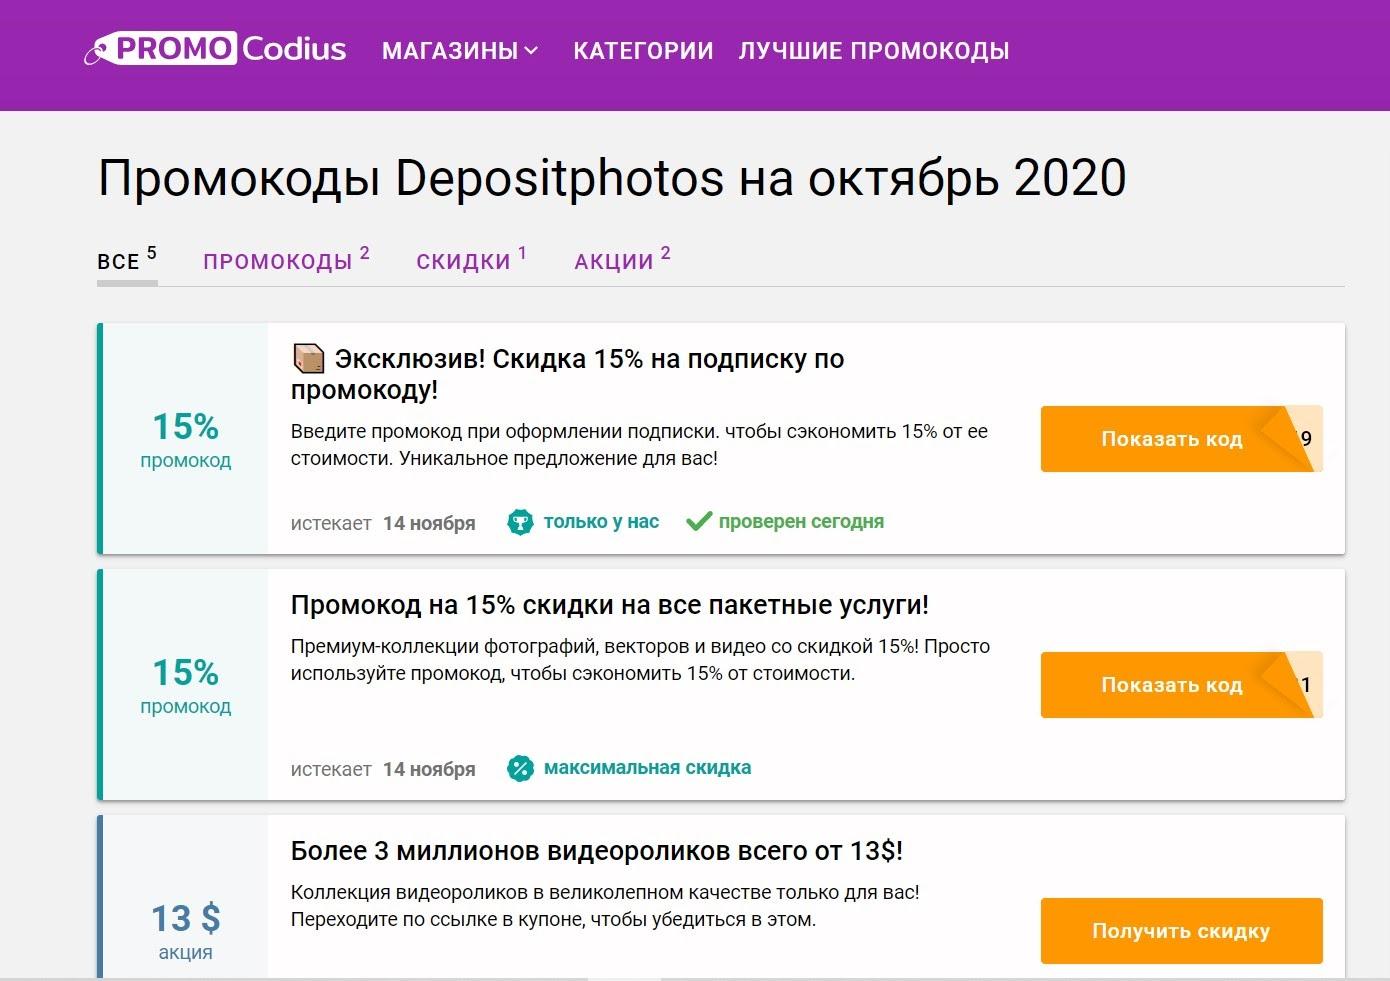 Список промокодов на одном из сайтов-купонаторов — ресурсов, где собирают скидки и специальные предложения